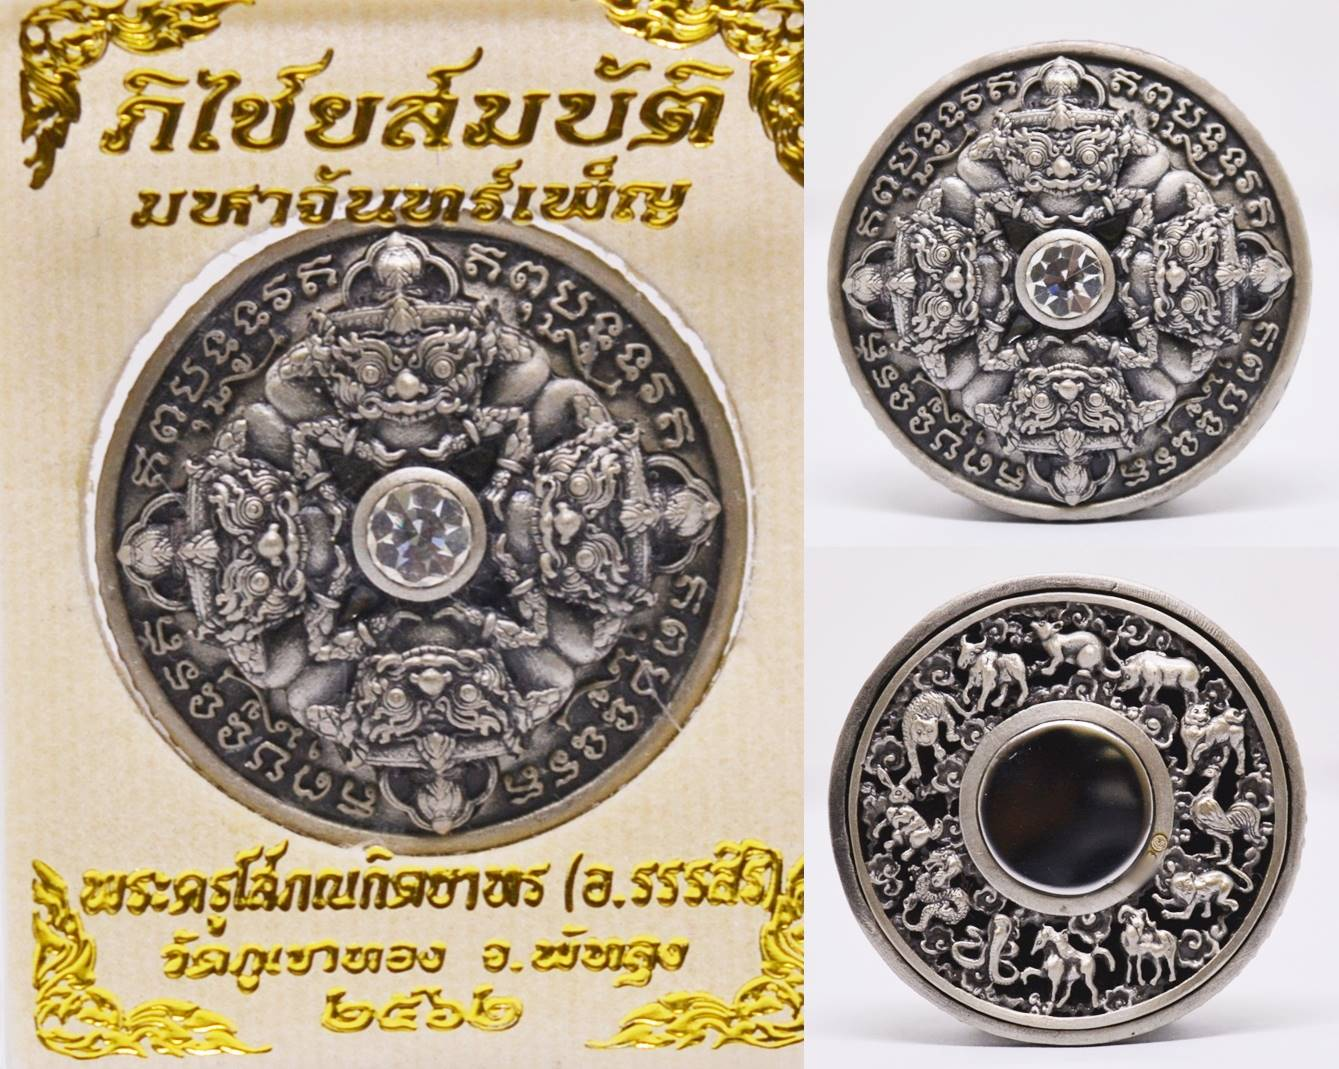 เหรียญราหูภิไชยสมบัติ เนื้อสัมฤทธิ์ทองเมฆา พระครูโสภณกิตยาธร(อ.รรรสิริ) วัดภูเขาทอง 2562